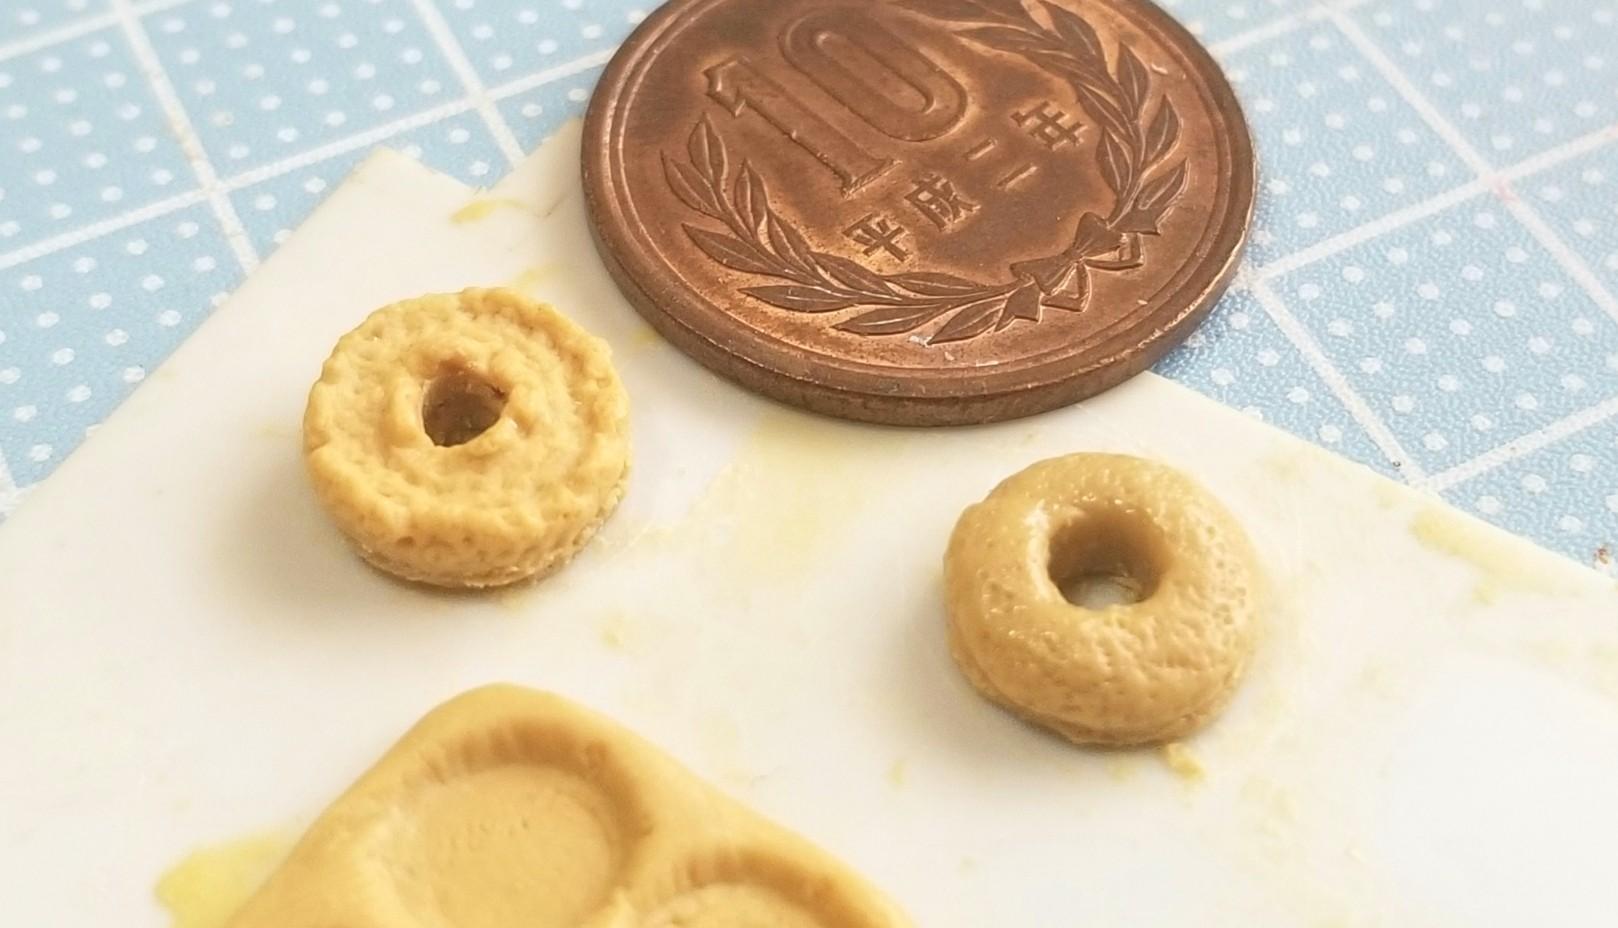 ミニチュアフード,ドーナツの原型,エポキシパテ,作り方,フェイク